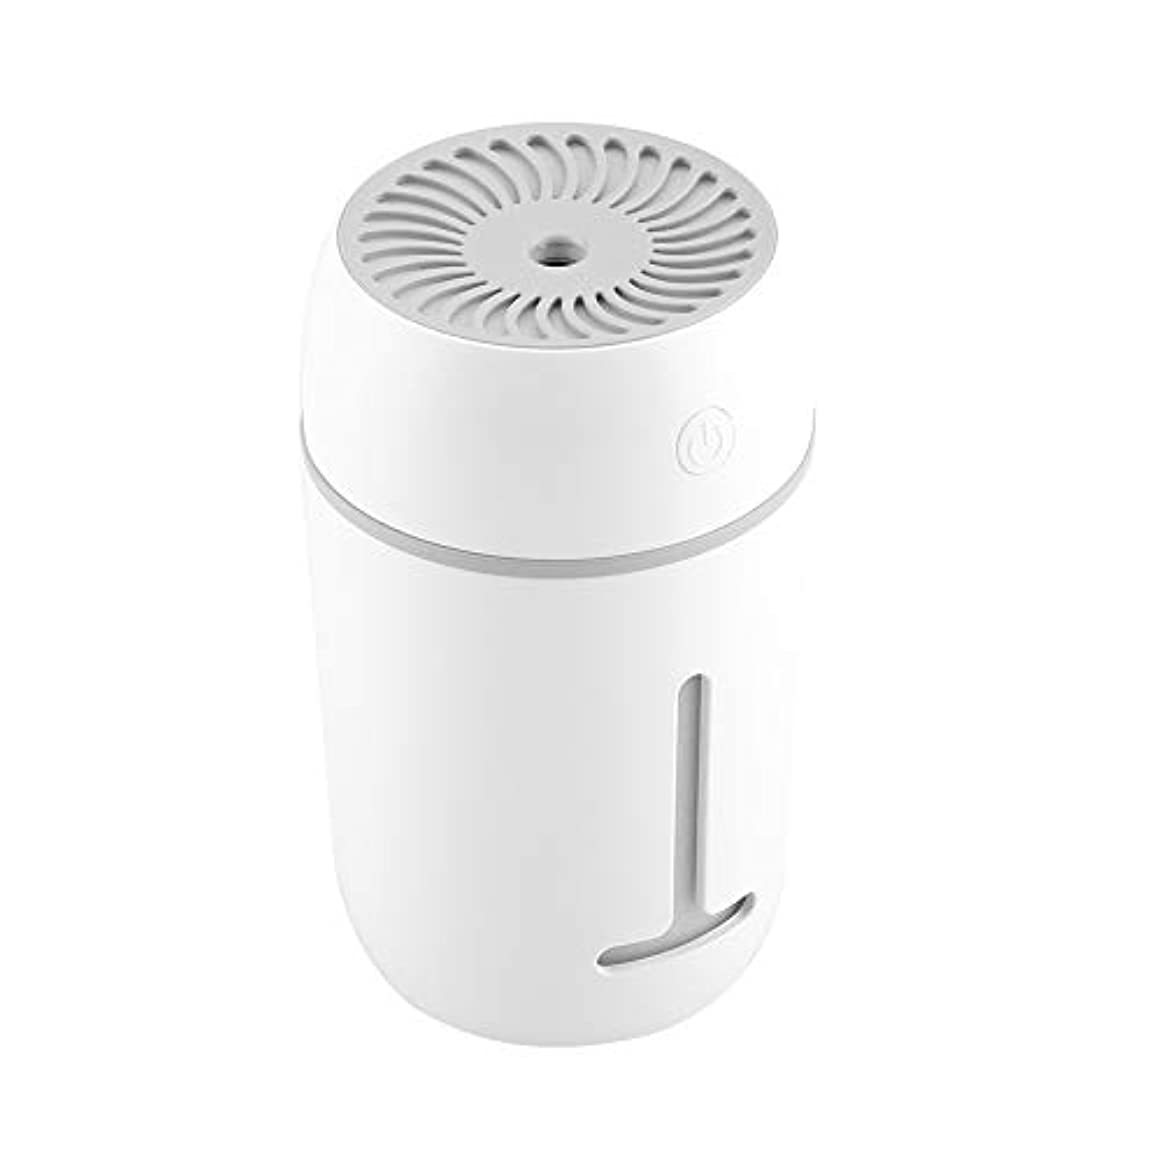 深遠突然の収束携帯用加湿器、車のオフィスのためのUSBの再充電可能な携帯用超音波加湿器の拡散器7色LEDライト